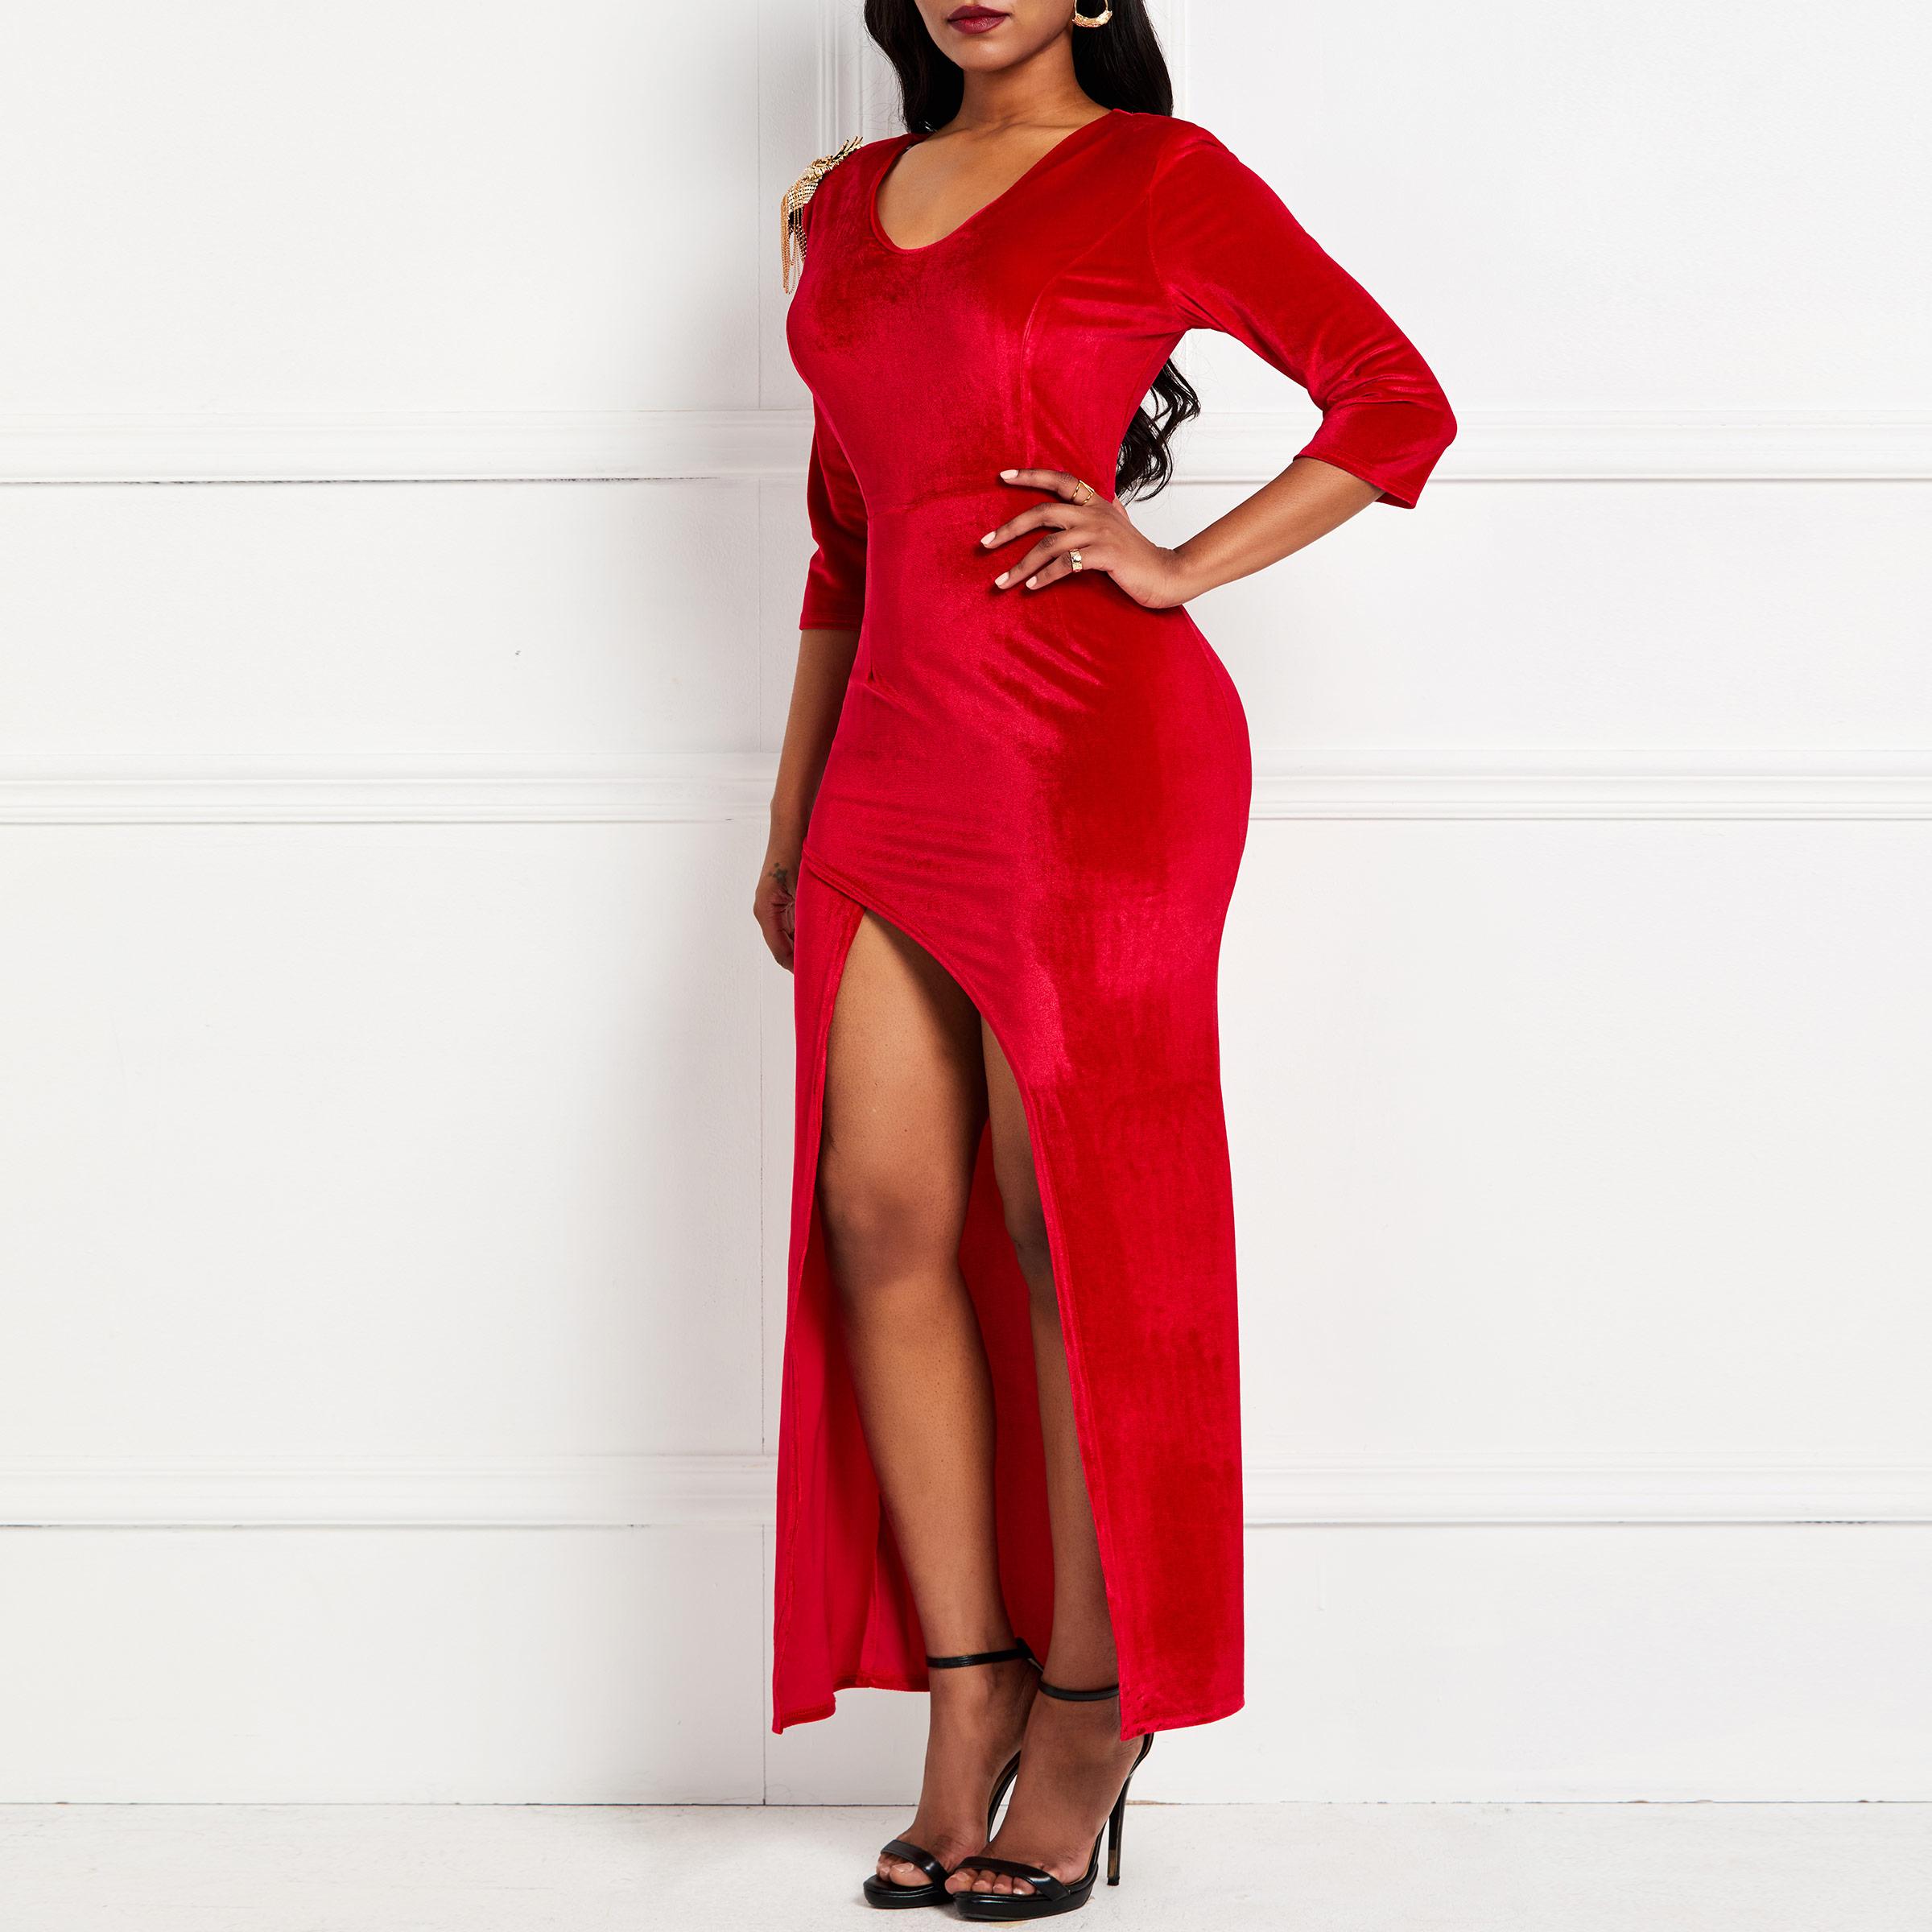 Красное бархатное Макси-платье 2019 Сексуальное вечернее женское роскошное платье с разрезом элегантное для вечеринки и клуба облегающие дл...